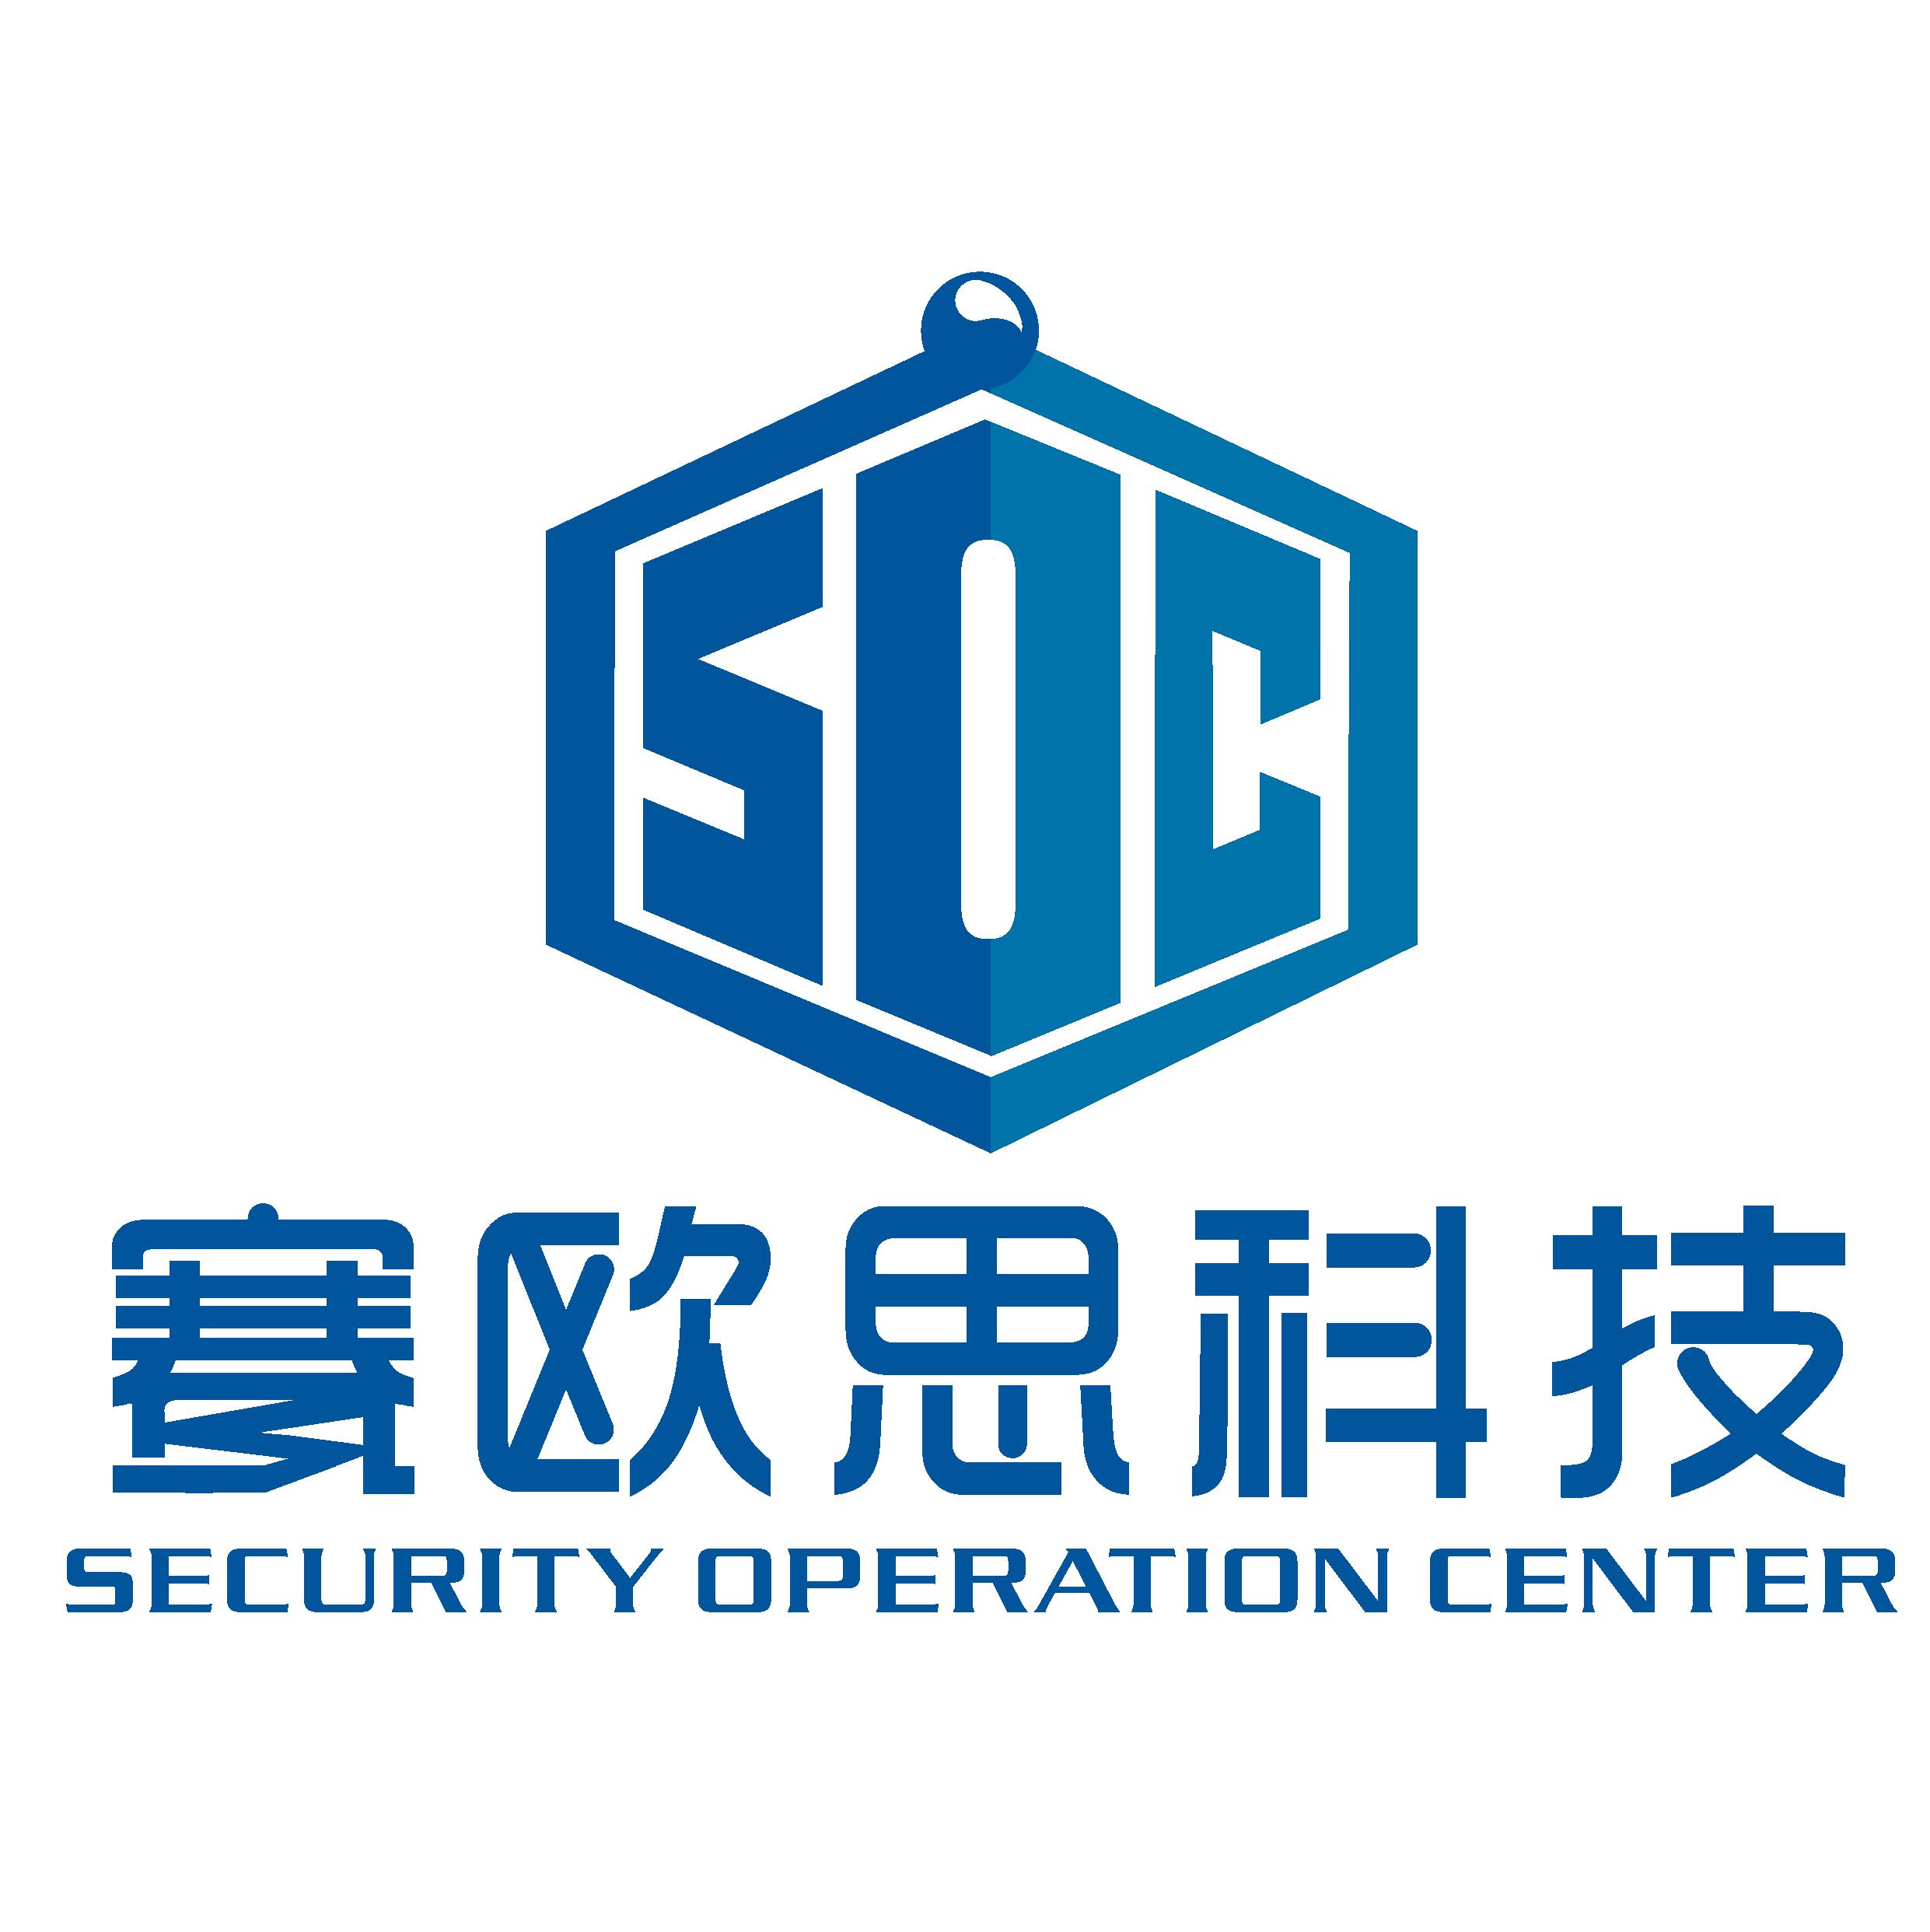 漳州找工作人才网+Web前端开发